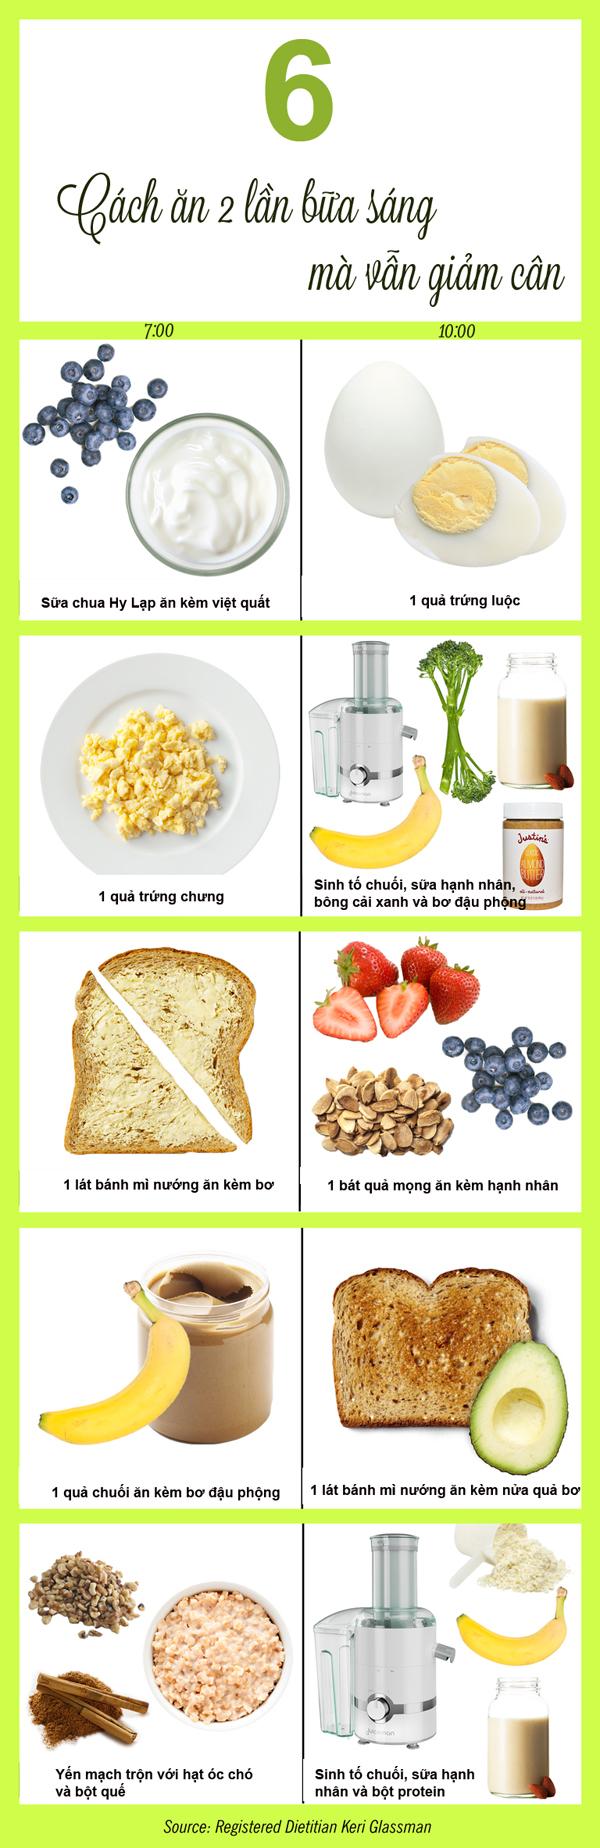 6 cách ăn 2 bữa sáng mà vẫn giảm cân hiệu quả